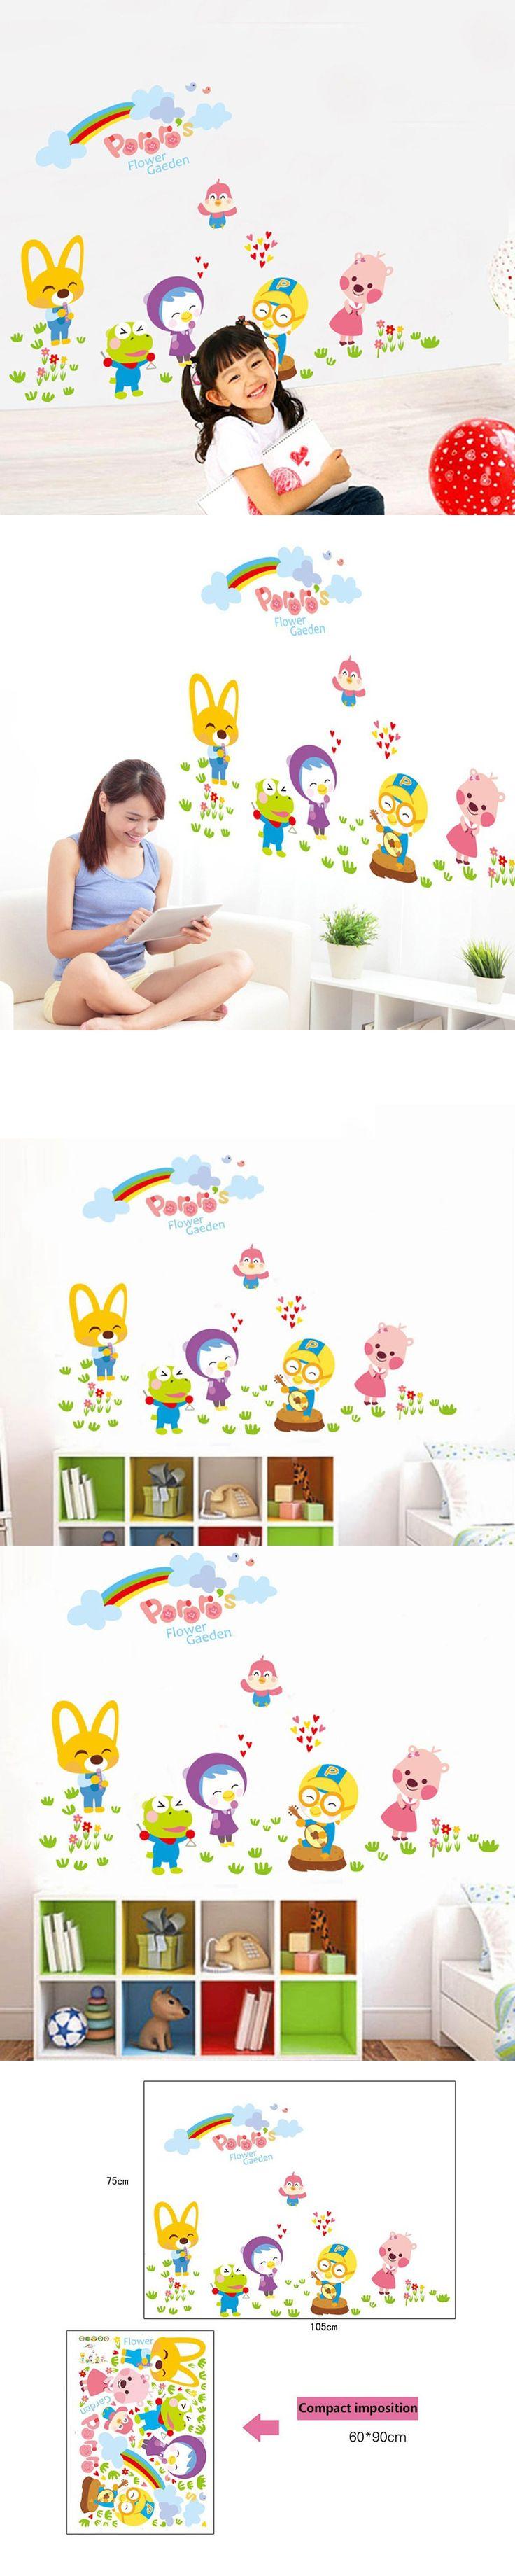 DIY Animals Flower Garden Vinyl Wall Stickers Kids Bedroom Wallpaper Decals Baby Children Cartoon Zoo Nursery Room Decoration